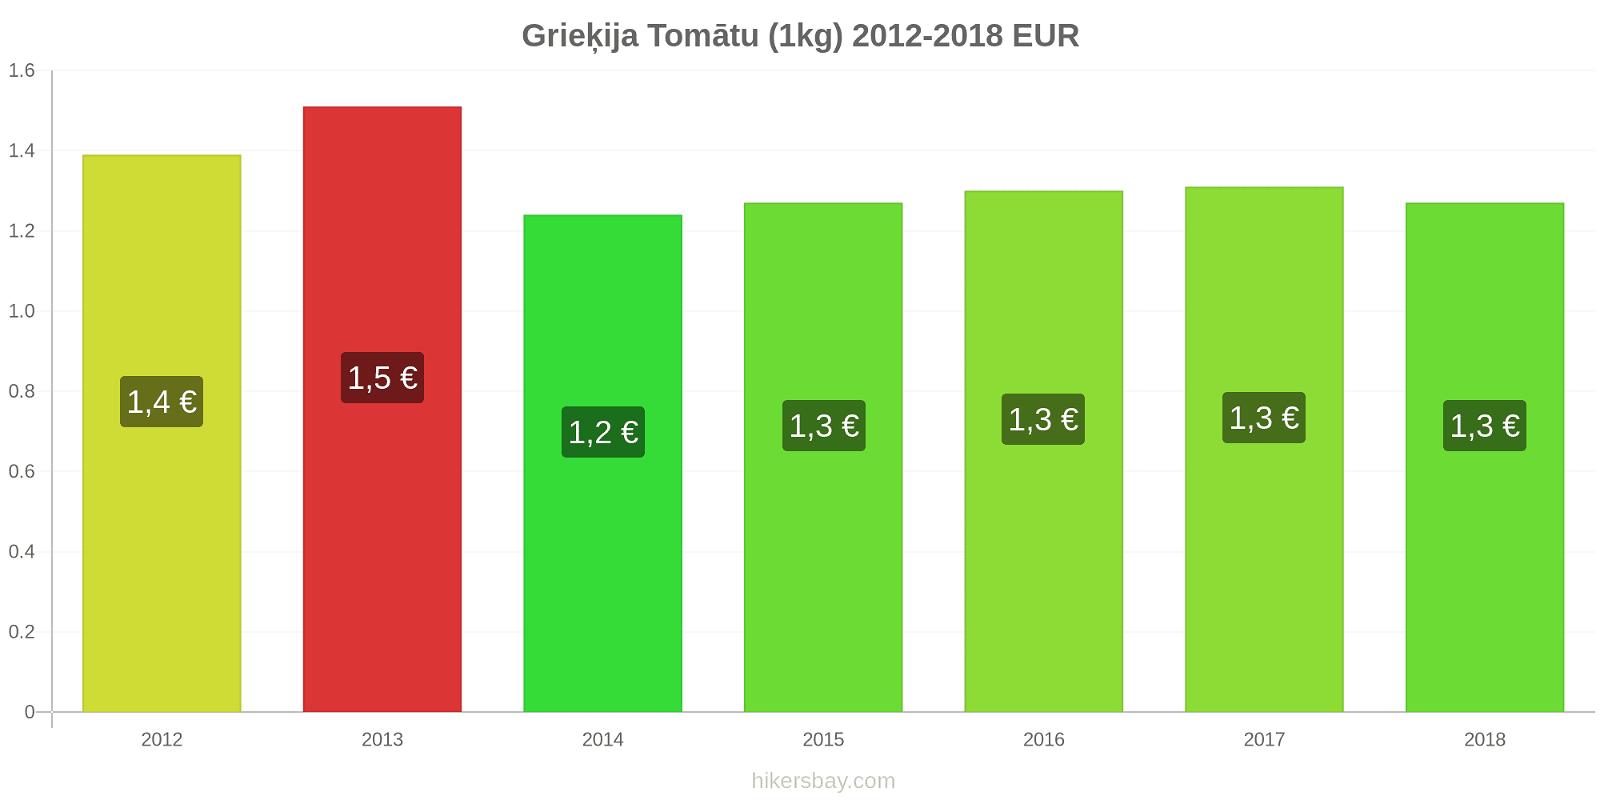 Grieķija cenu izmaiņas Tomātu (1kg) hikersbay.com